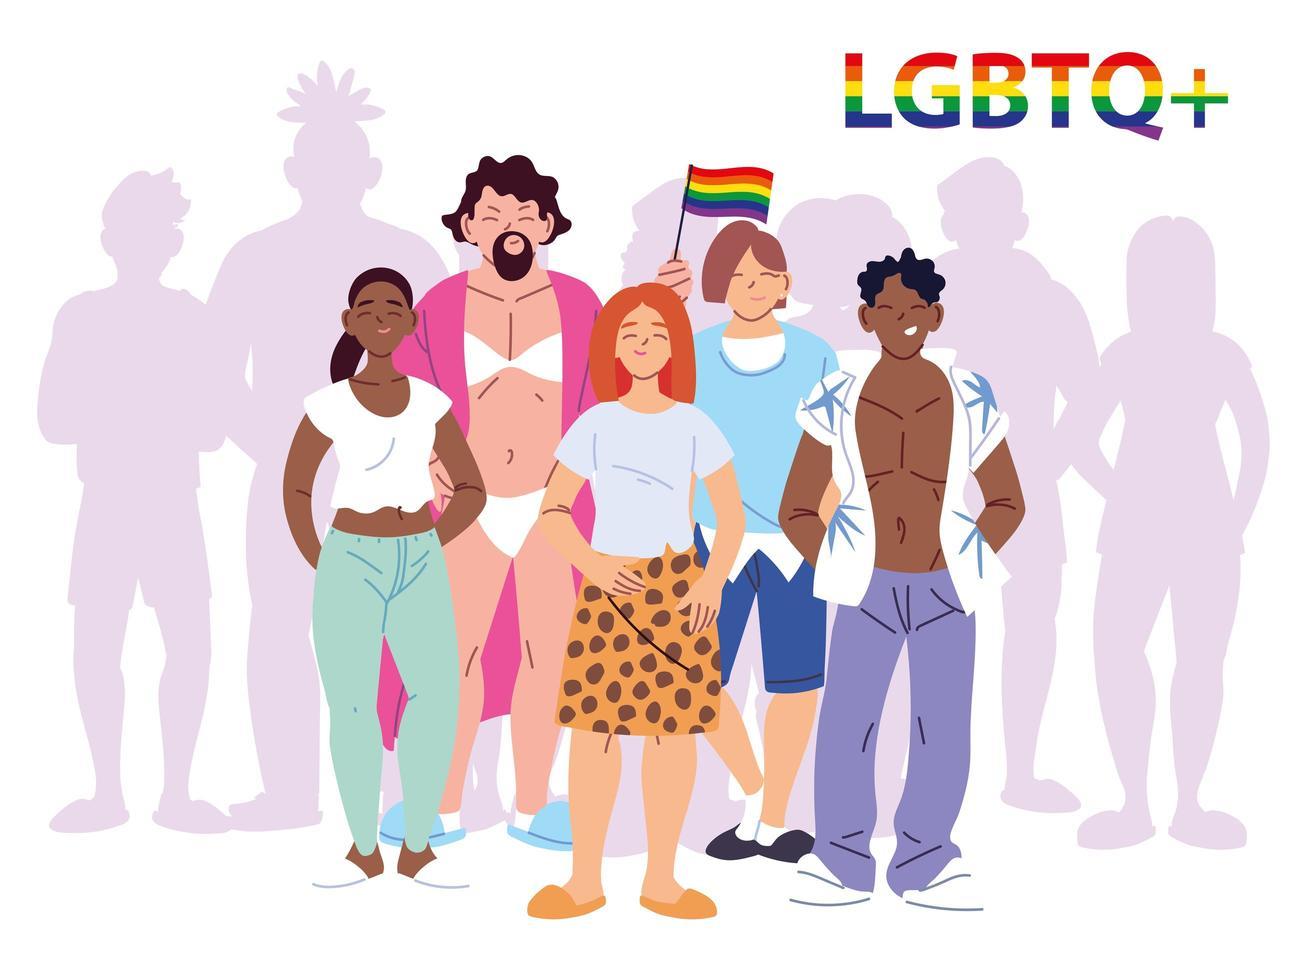 grupp människor med lgbtq gay pride symbol vektor